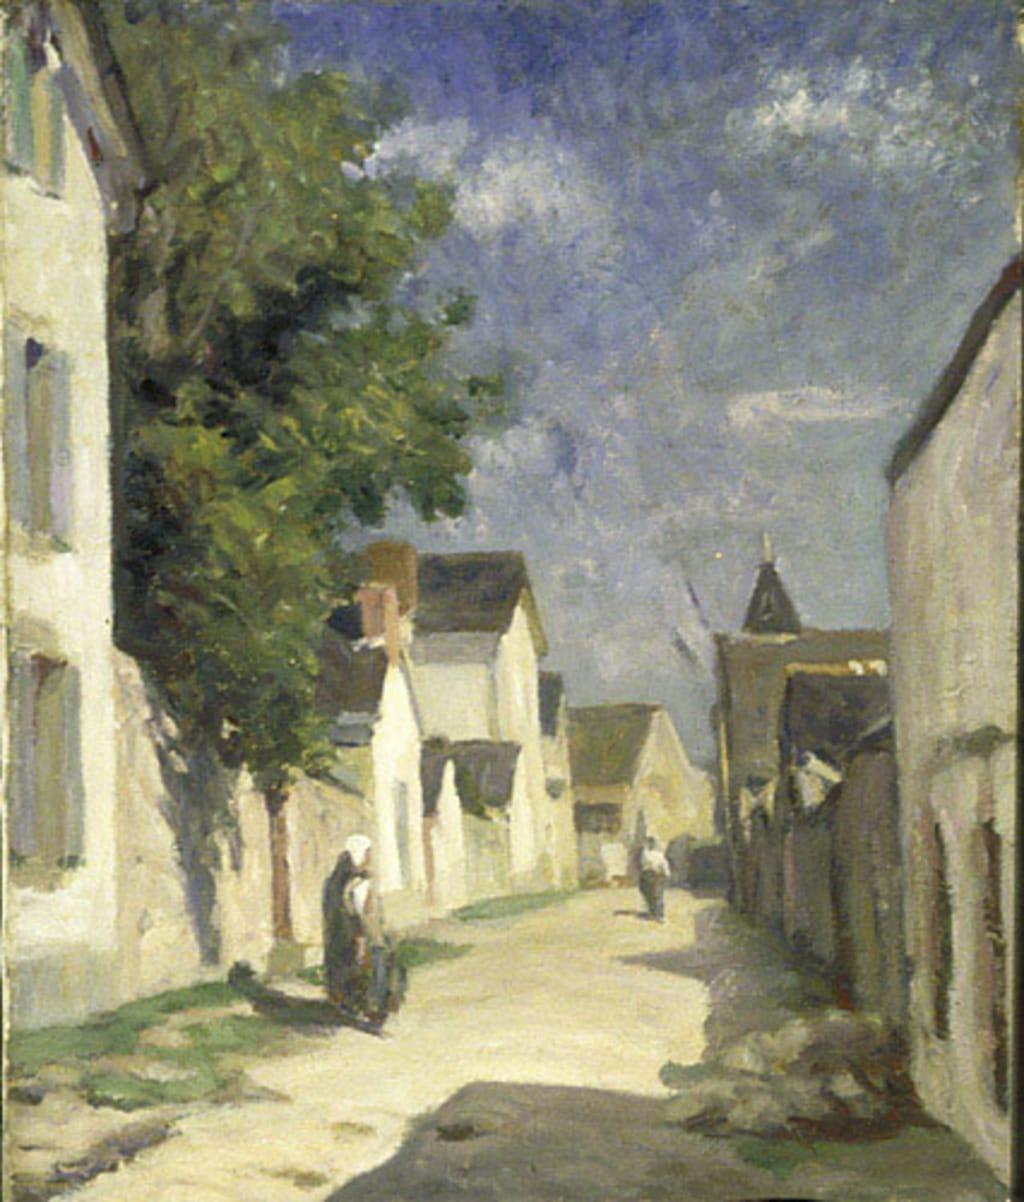 Paysage, rue de village espagnol